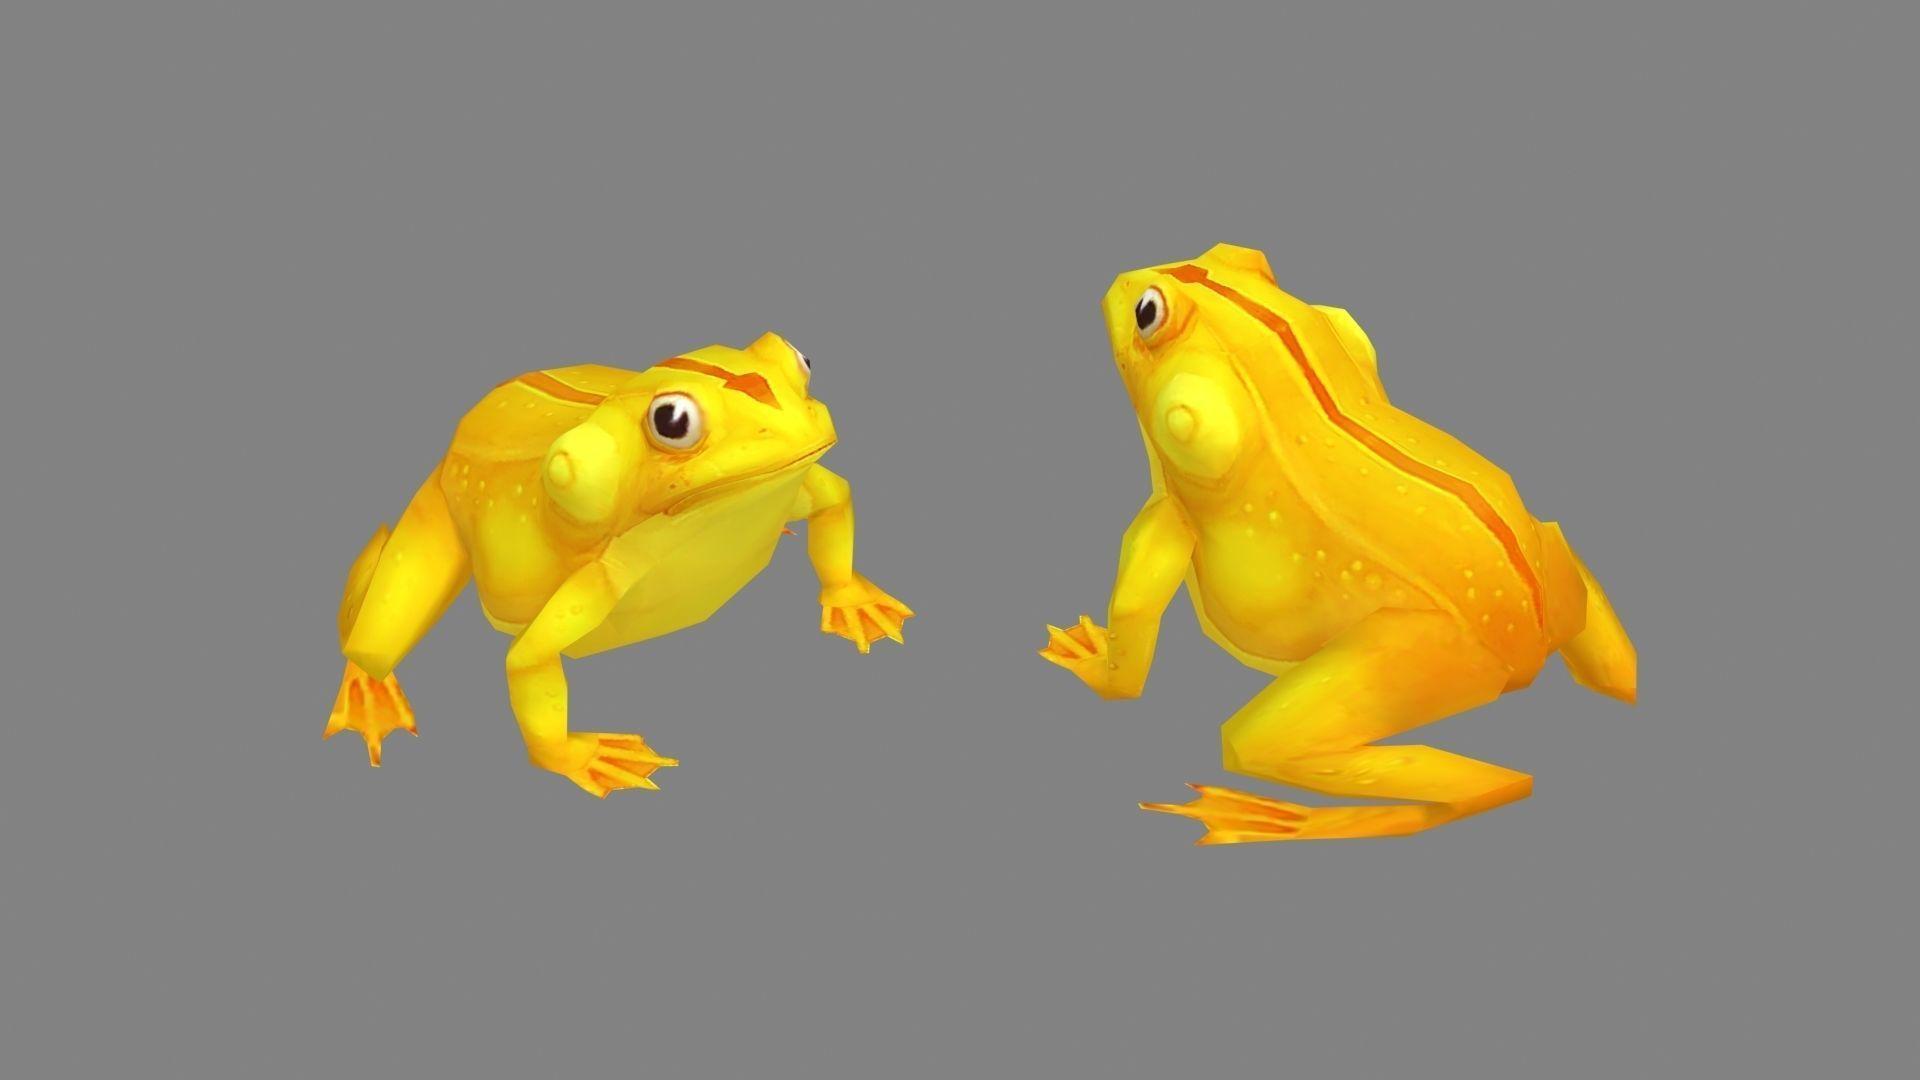 Cartoon golden frog